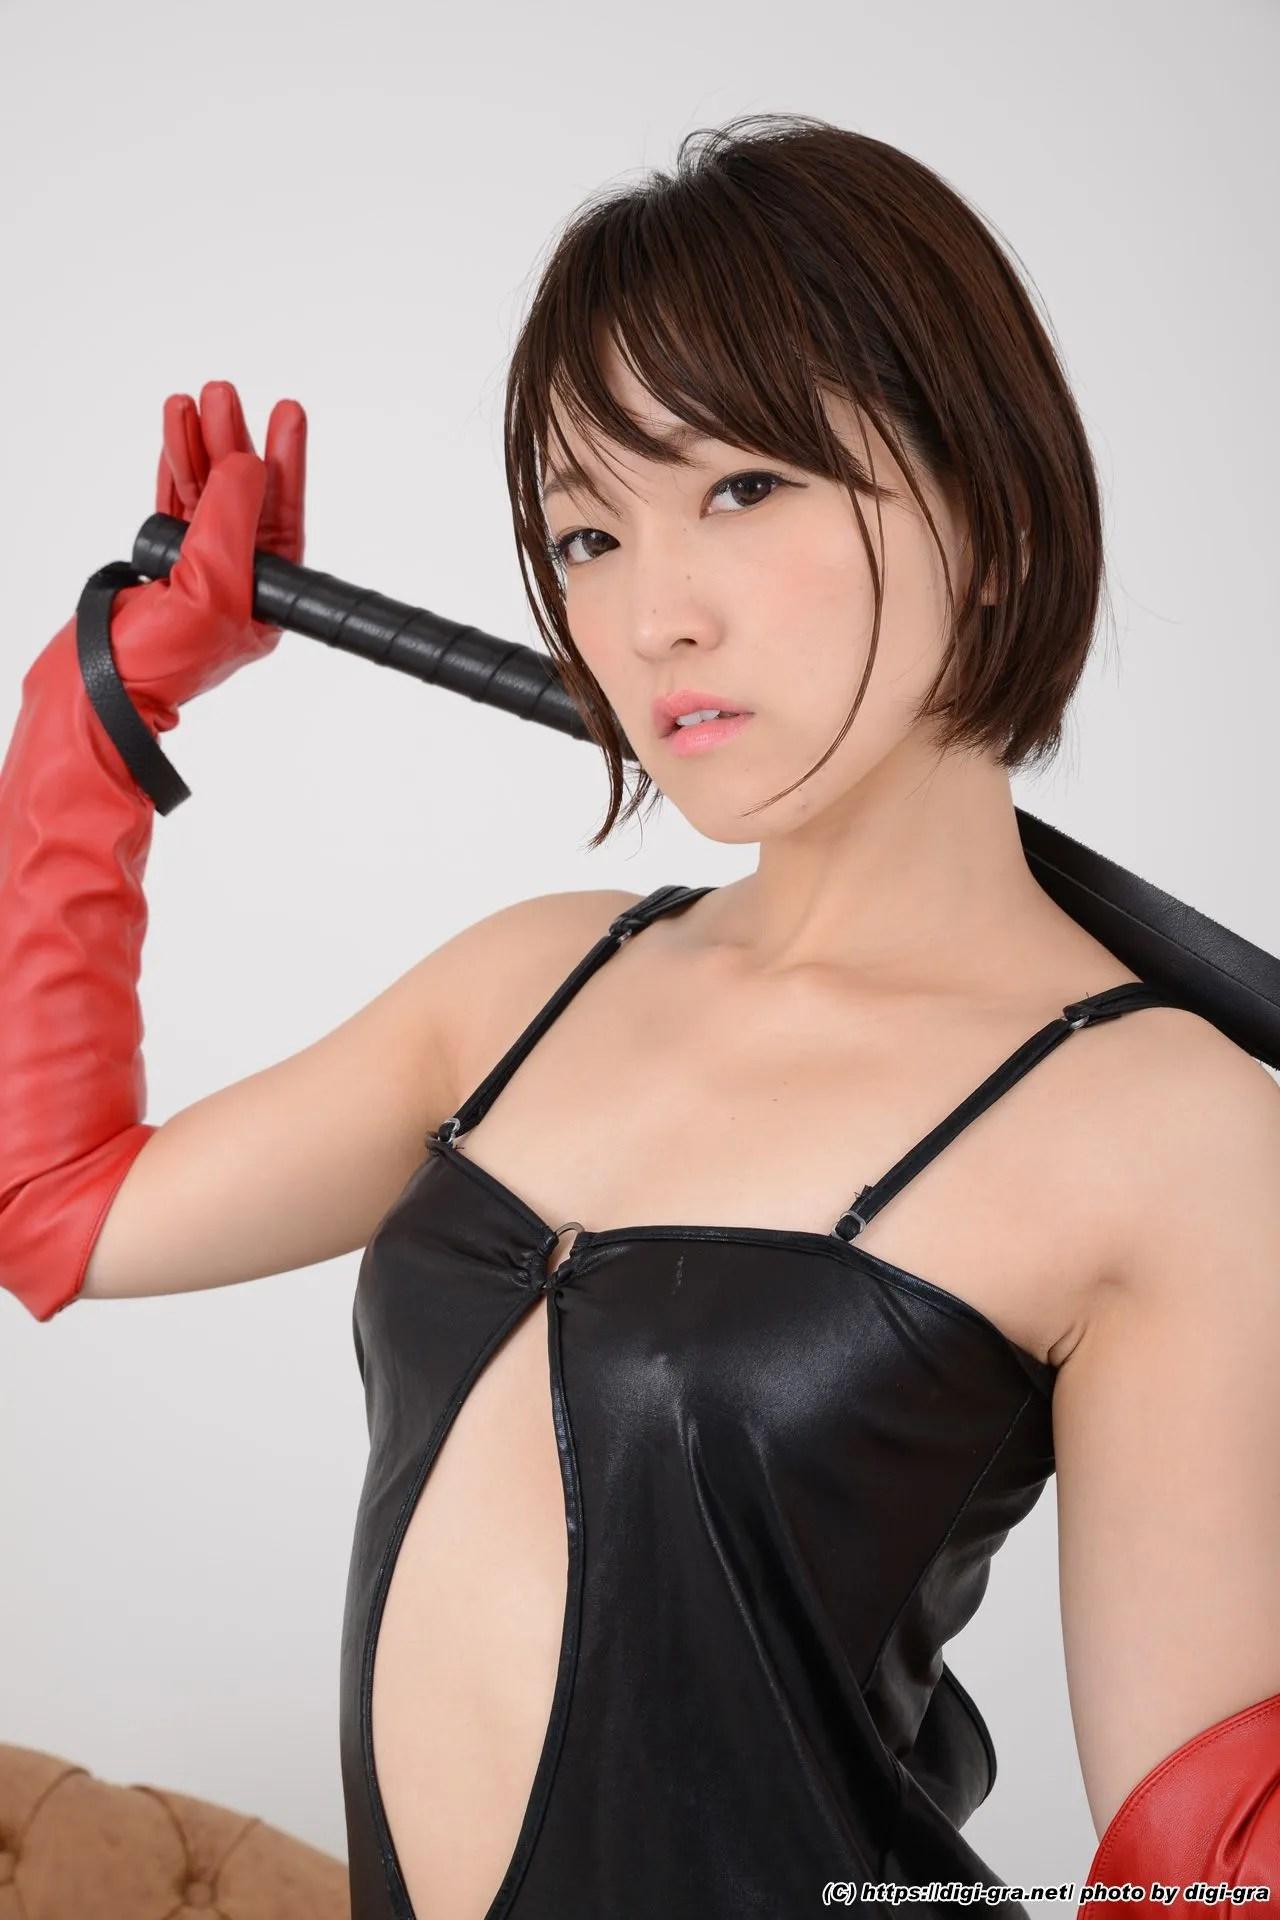 [Digi-Gra] Ameri Hoshi 星あめり(星亚爱梨) Photoset 04 写真集[50P]插图(2)